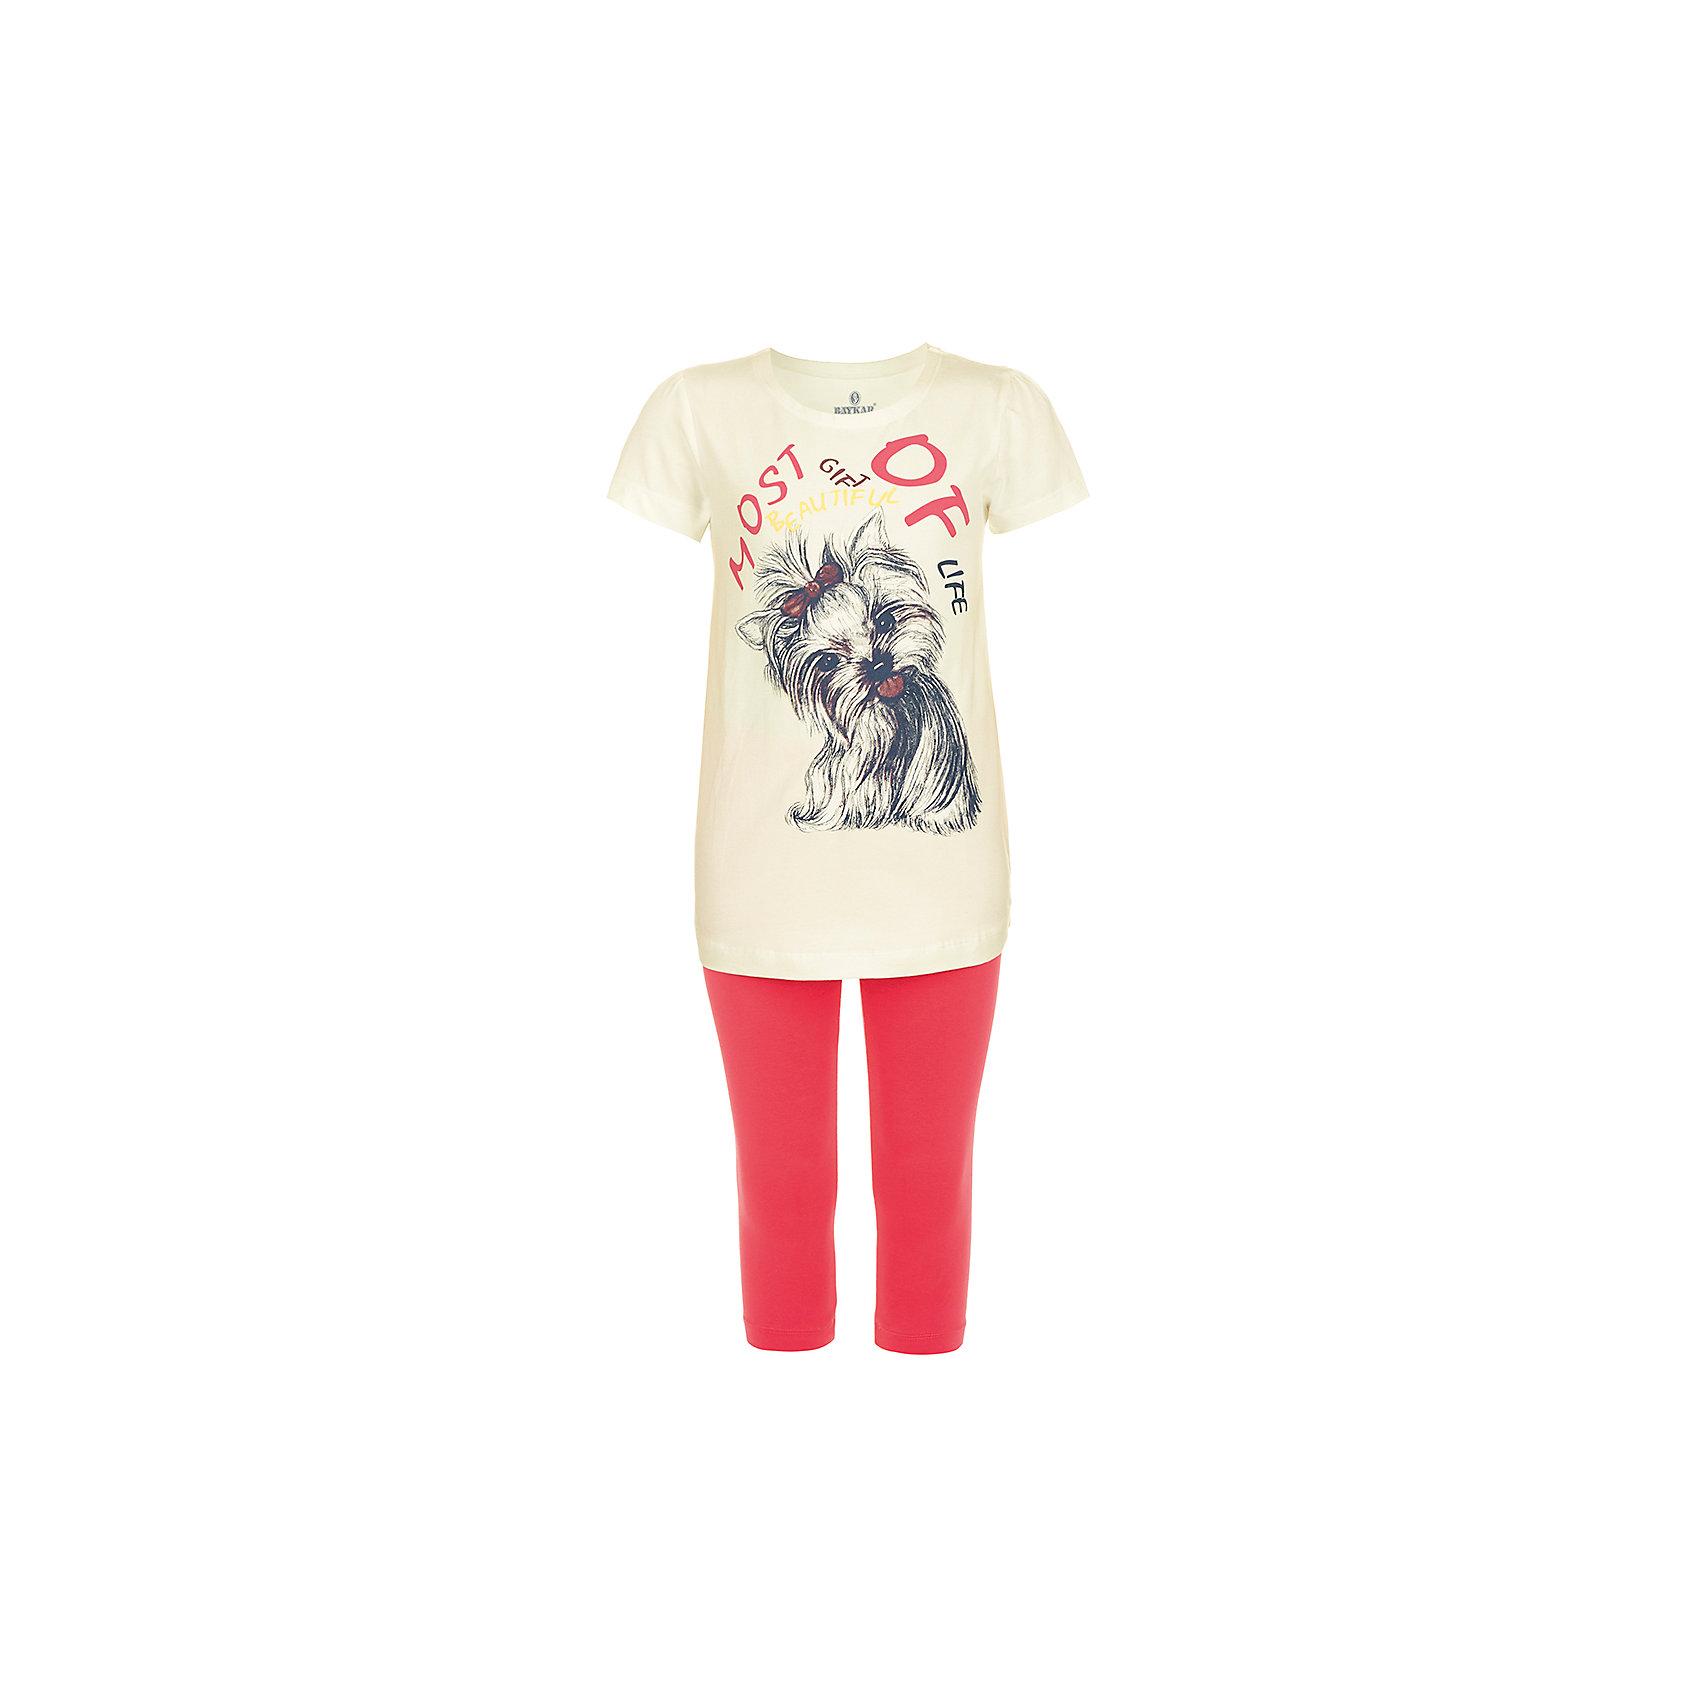 Пижама для девочки BaykarПижамы и сорочки<br>Характеристики товара:<br><br>• цвет: белый<br>• состав ткани: 95% хлопок; 5% эластан<br>• комплектация: туника, капри<br>• пояс брюк: резинка<br>• сезон: круглый год<br>• страна бренда: Турция<br>• страна изготовитель: Турция<br><br>Симпатичная пижама с принтом для девочки Baykar украшена симпатичным принтом. Этот комплект для сна из туники и брюк-капри сделан из мягкого дышащего материала. <br><br>Продуманный крой обеспечивает комфортную посадку. Голубая пижама для девочки позволяет обеспечить комфортный сон.<br><br>Пижаму для девочки Baykar (Байкар) можно купить в нашем интернет-магазине.<br><br>Ширина мм: 281<br>Глубина мм: 70<br>Высота мм: 188<br>Вес г: 295<br>Цвет: белый<br>Возраст от месяцев: 108<br>Возраст до месяцев: 120<br>Пол: Женский<br>Возраст: Детский<br>Размер: 134/140,140/146,122/128,128/134<br>SKU: 6764818